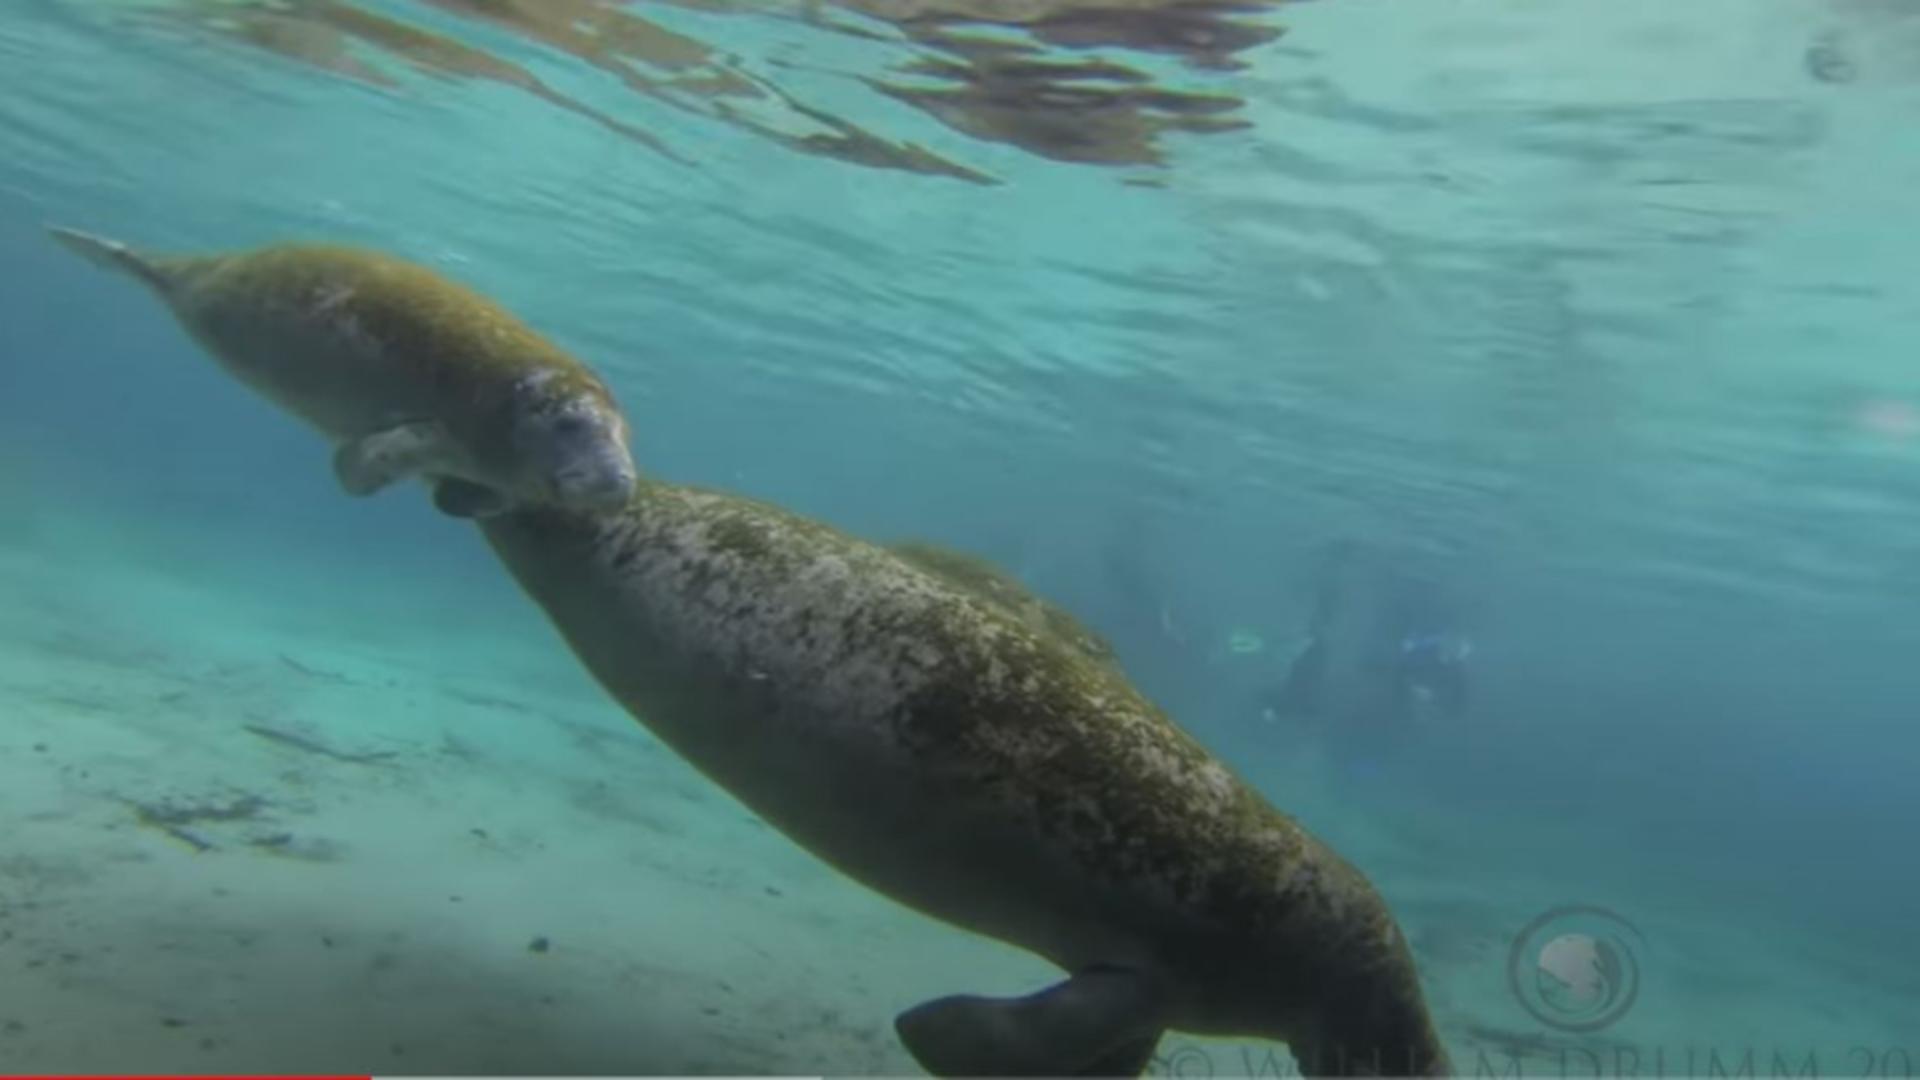 Lamantinii, uriașii oceanelor, în pericol de dispariție din cauza poluării. Foto/captură video